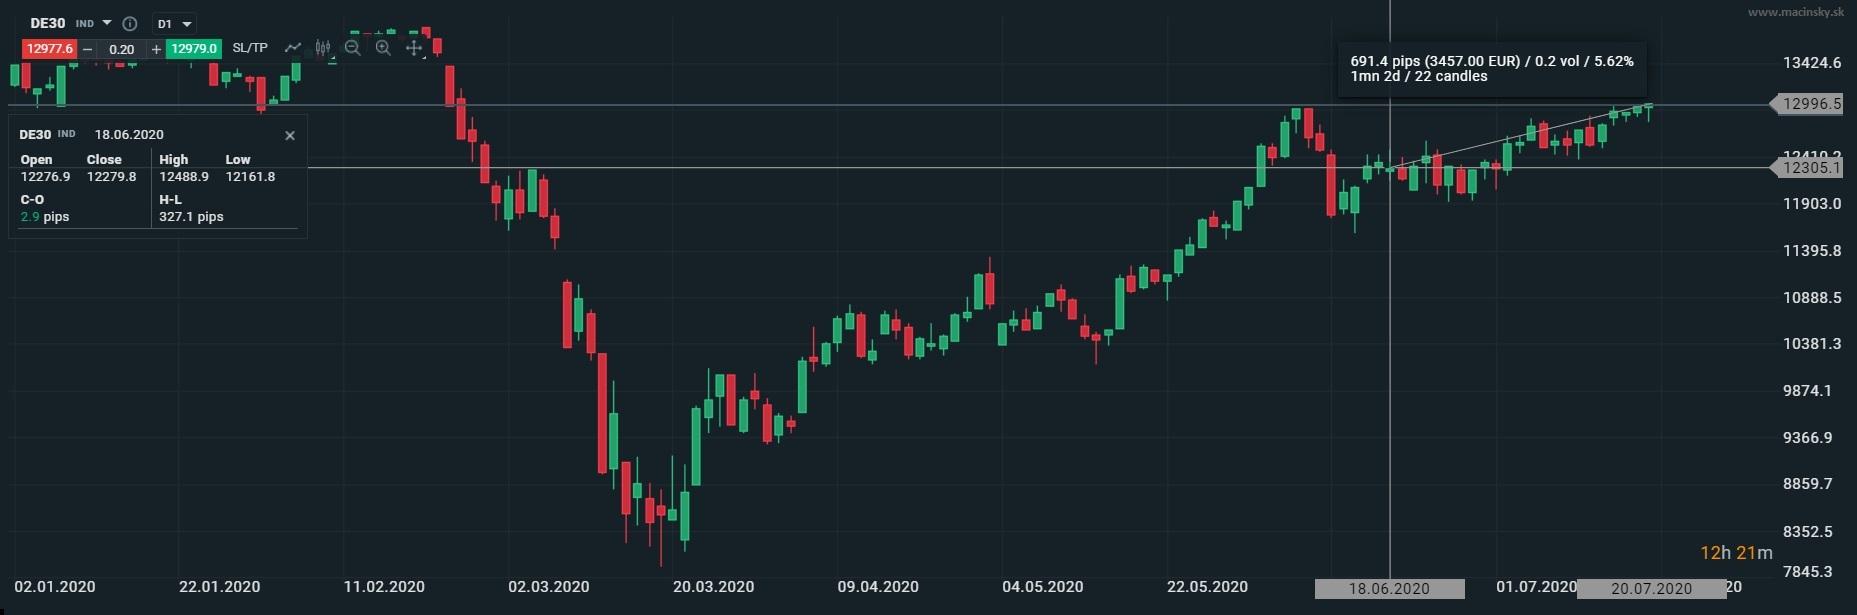 vývoj indexu DAX30 k júlu 2020